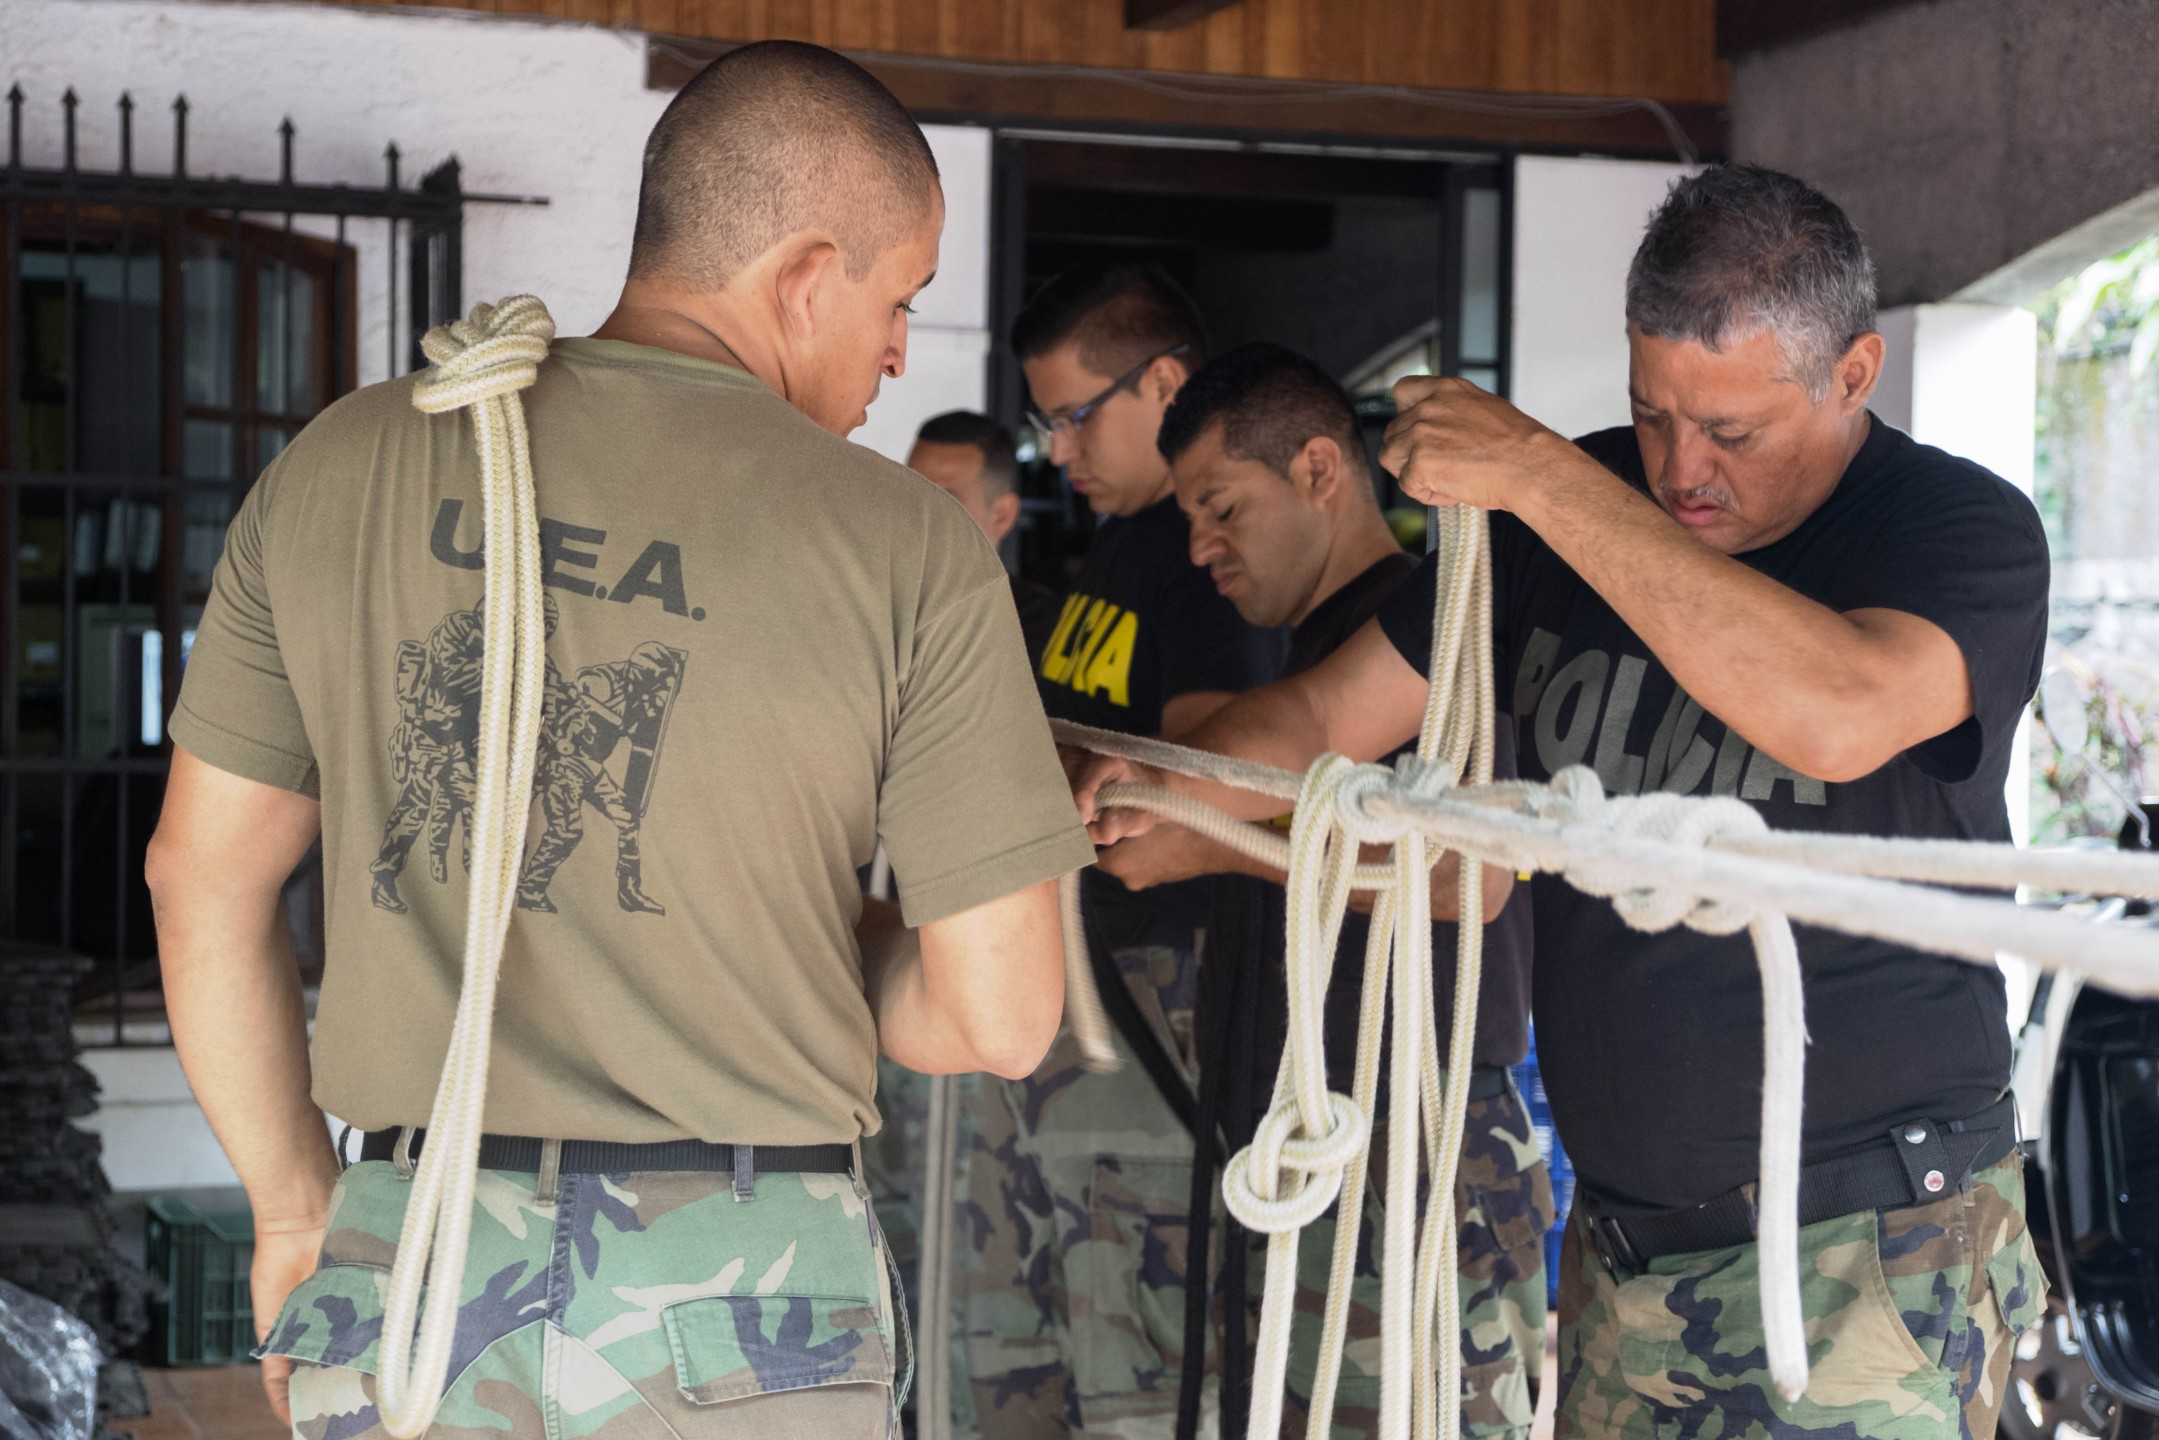 Commando's (UEA) tijdens een trainingssessie (Foto: Eline van Nes)